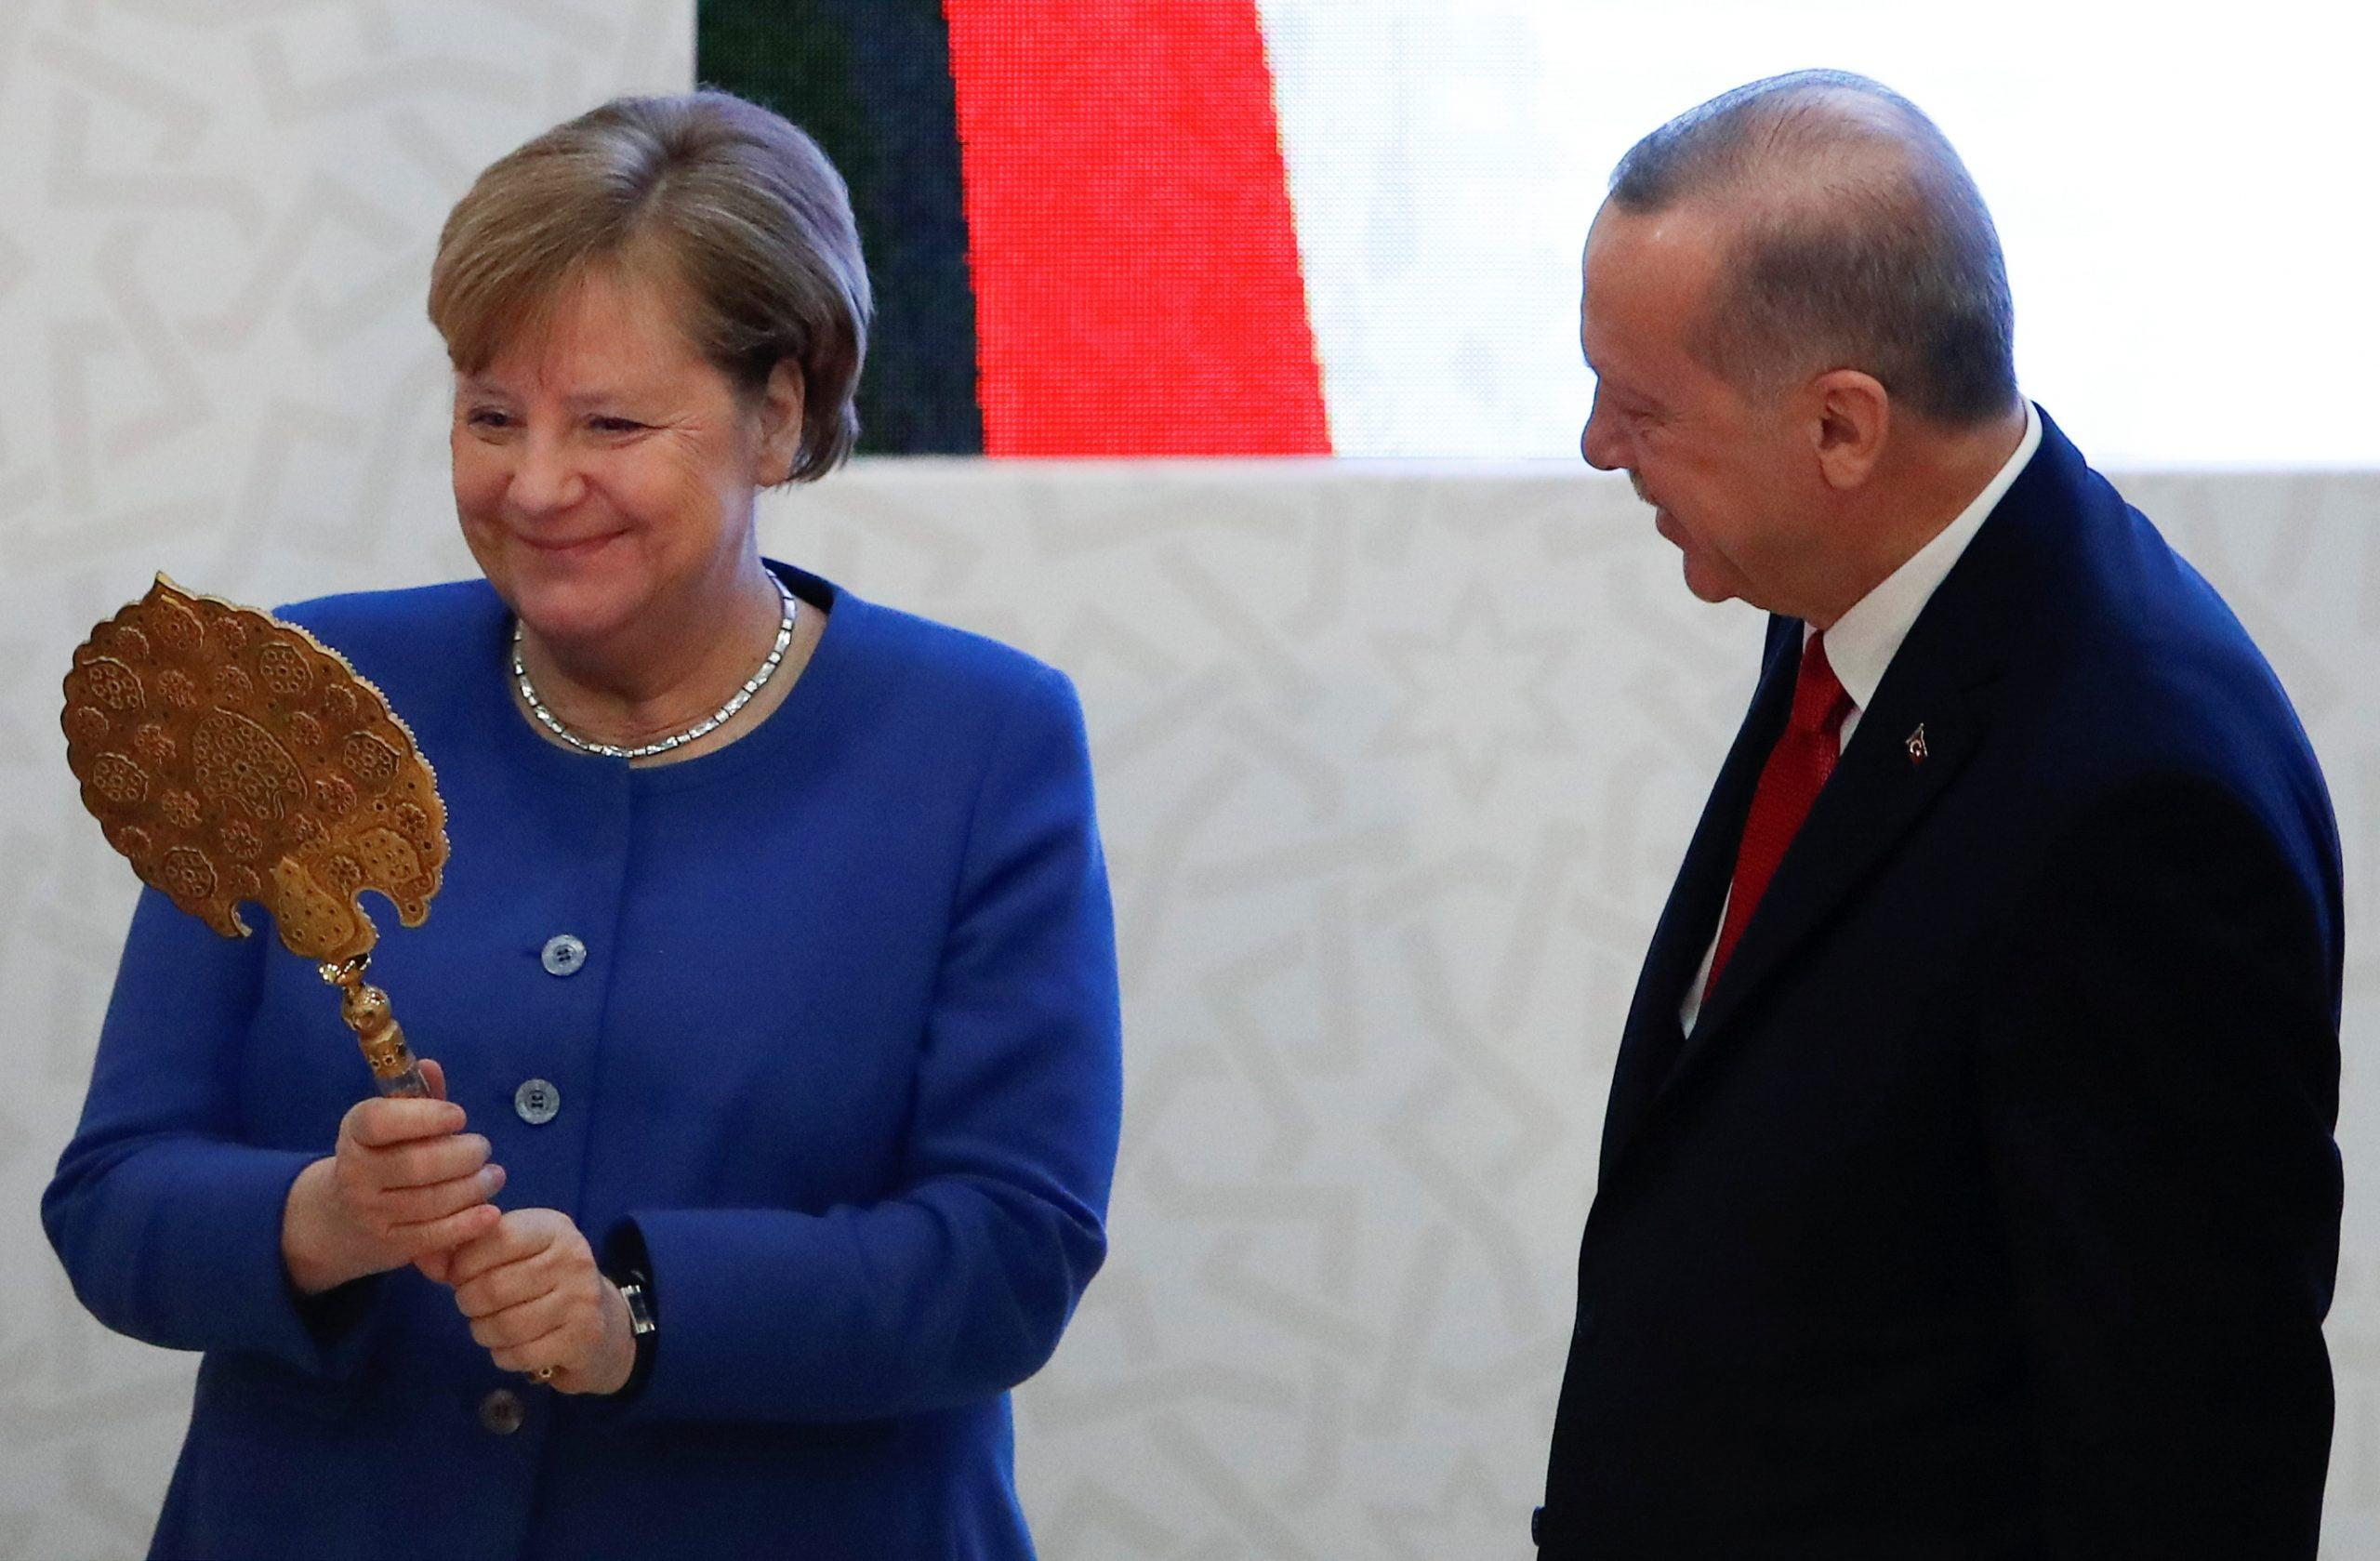 Το σφάλμα της Ευρώπης απέναντι στον Ερντογάν